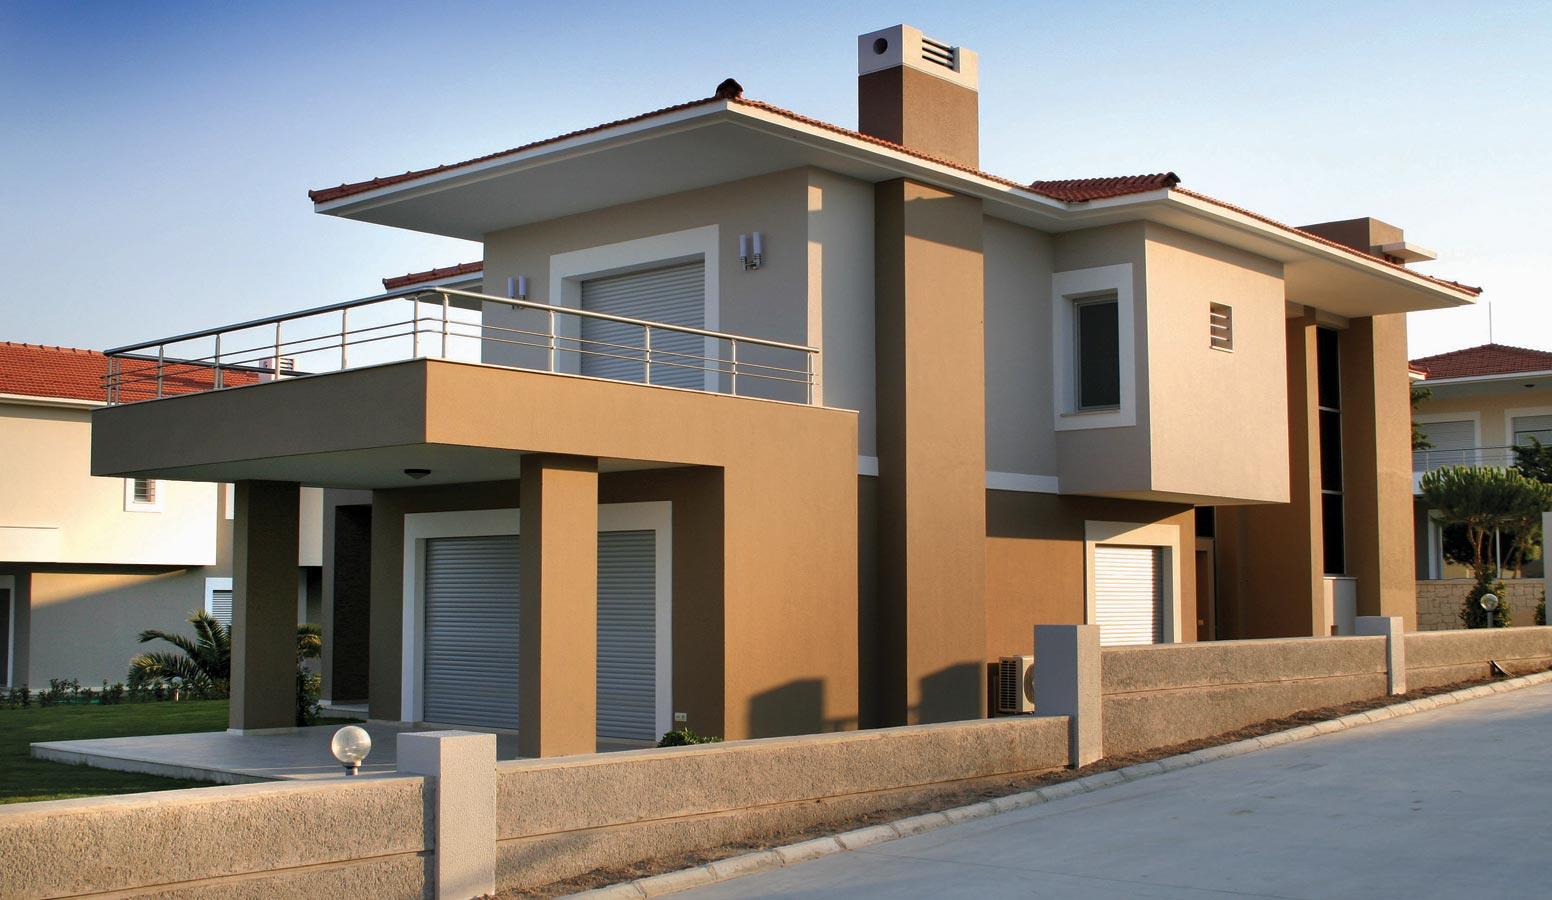 On İki Evler dış görünüm